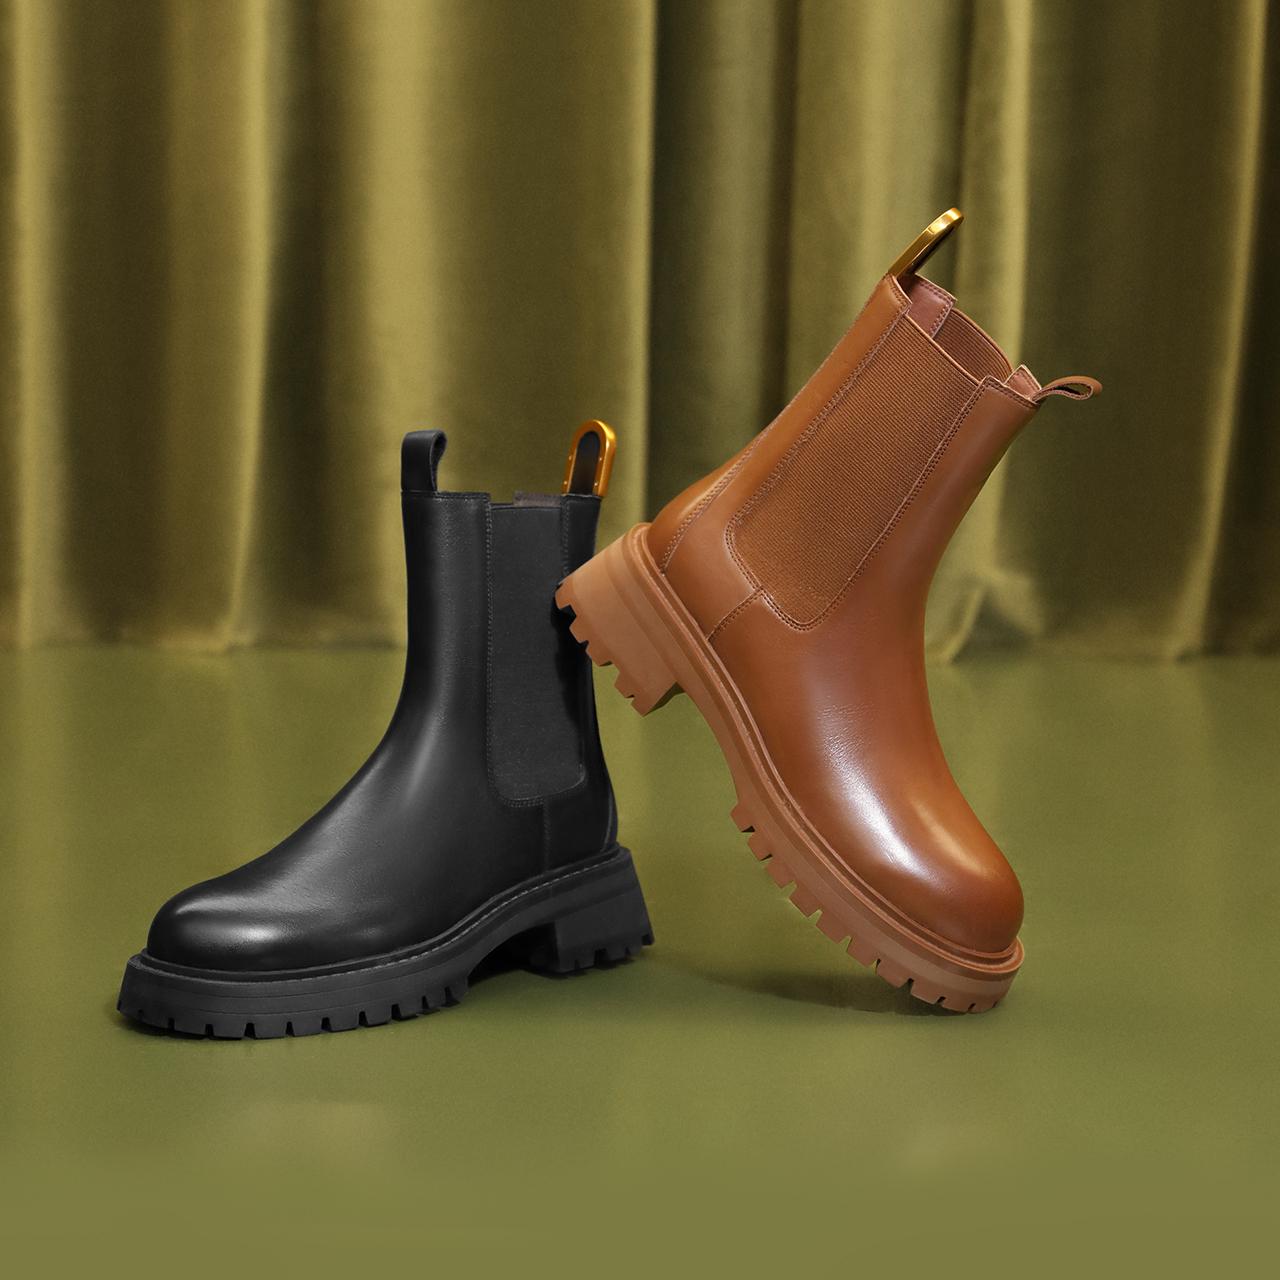 X1R2DDZ1 冬新李宇春同款潮复古英伦烟筒靴加绒 2021 百丽切尔西靴女